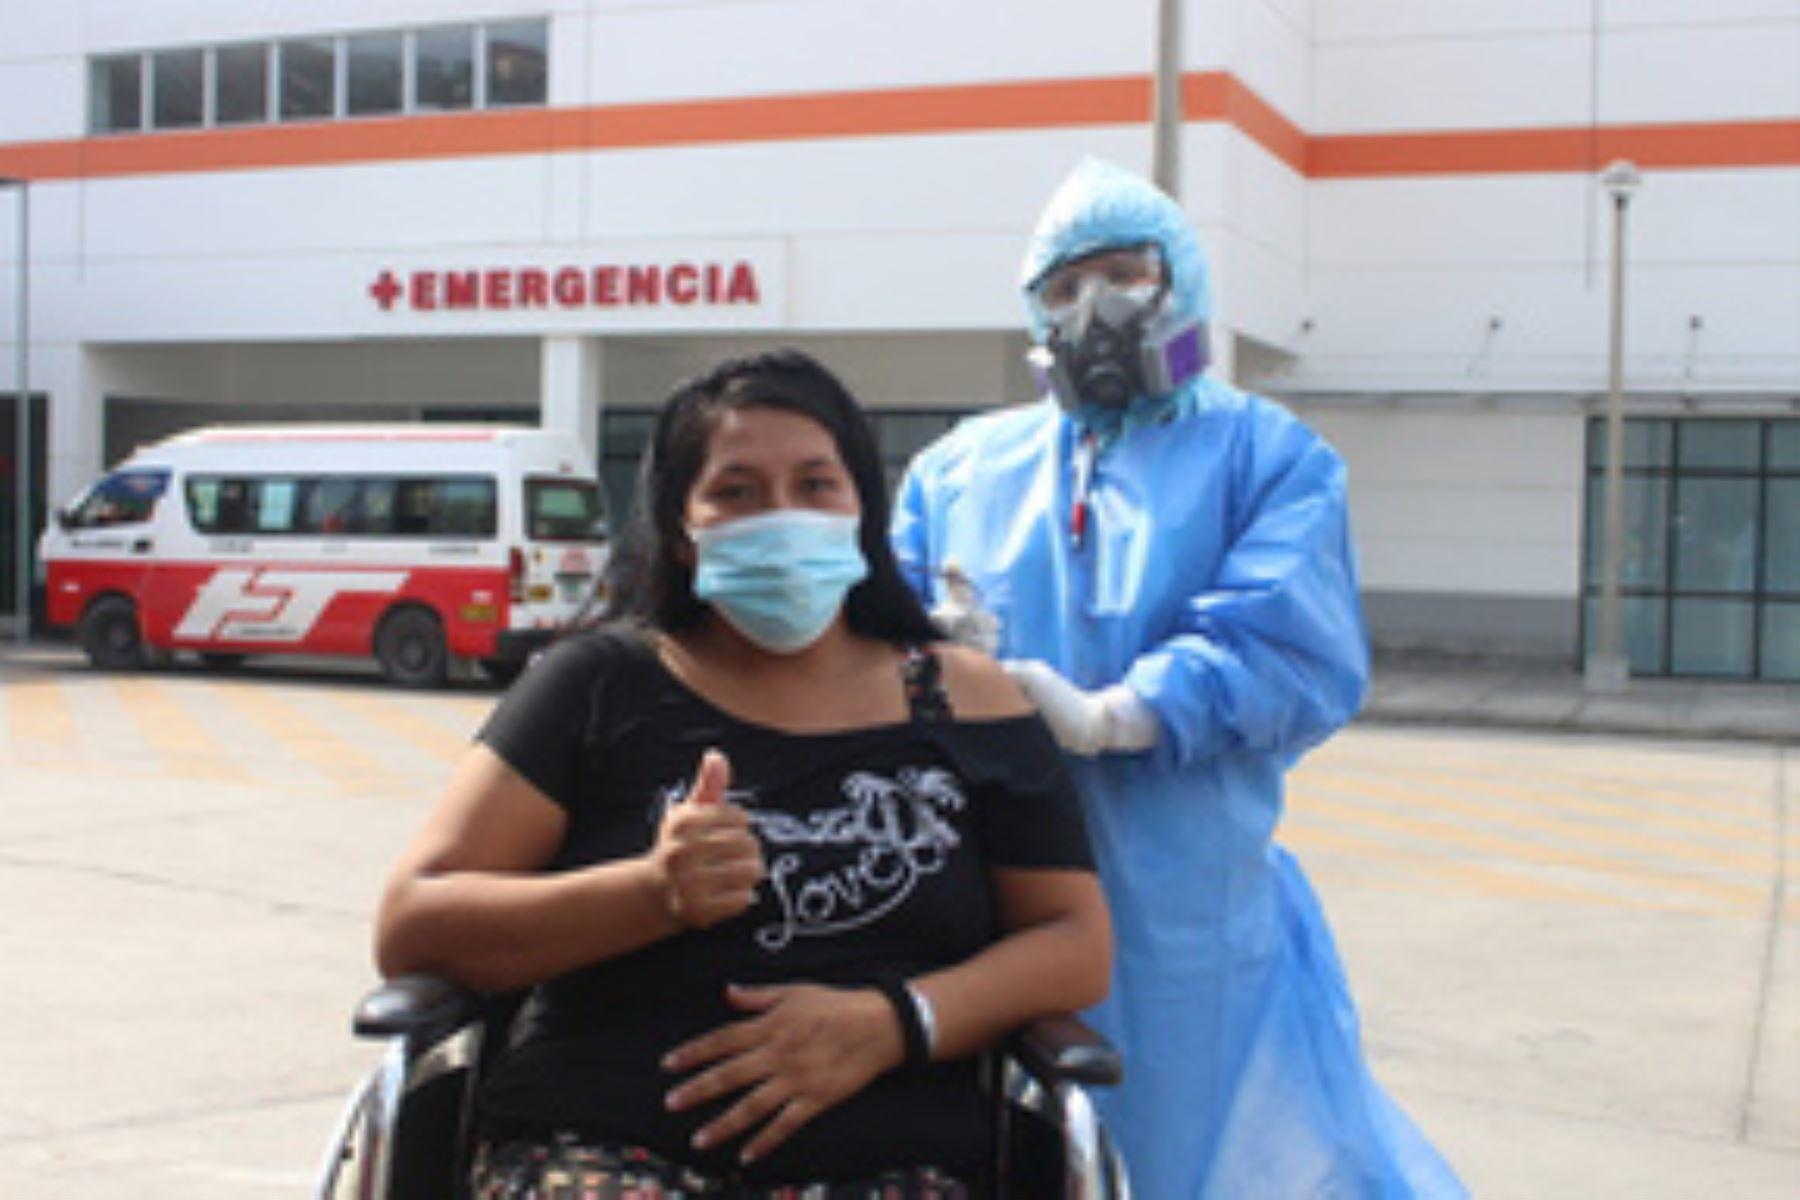 El 1 de marzo, la feliz Carmen dejó el hospital y se reencontró con su esposo y sus hijos. Foto: ANDINA/Minsa